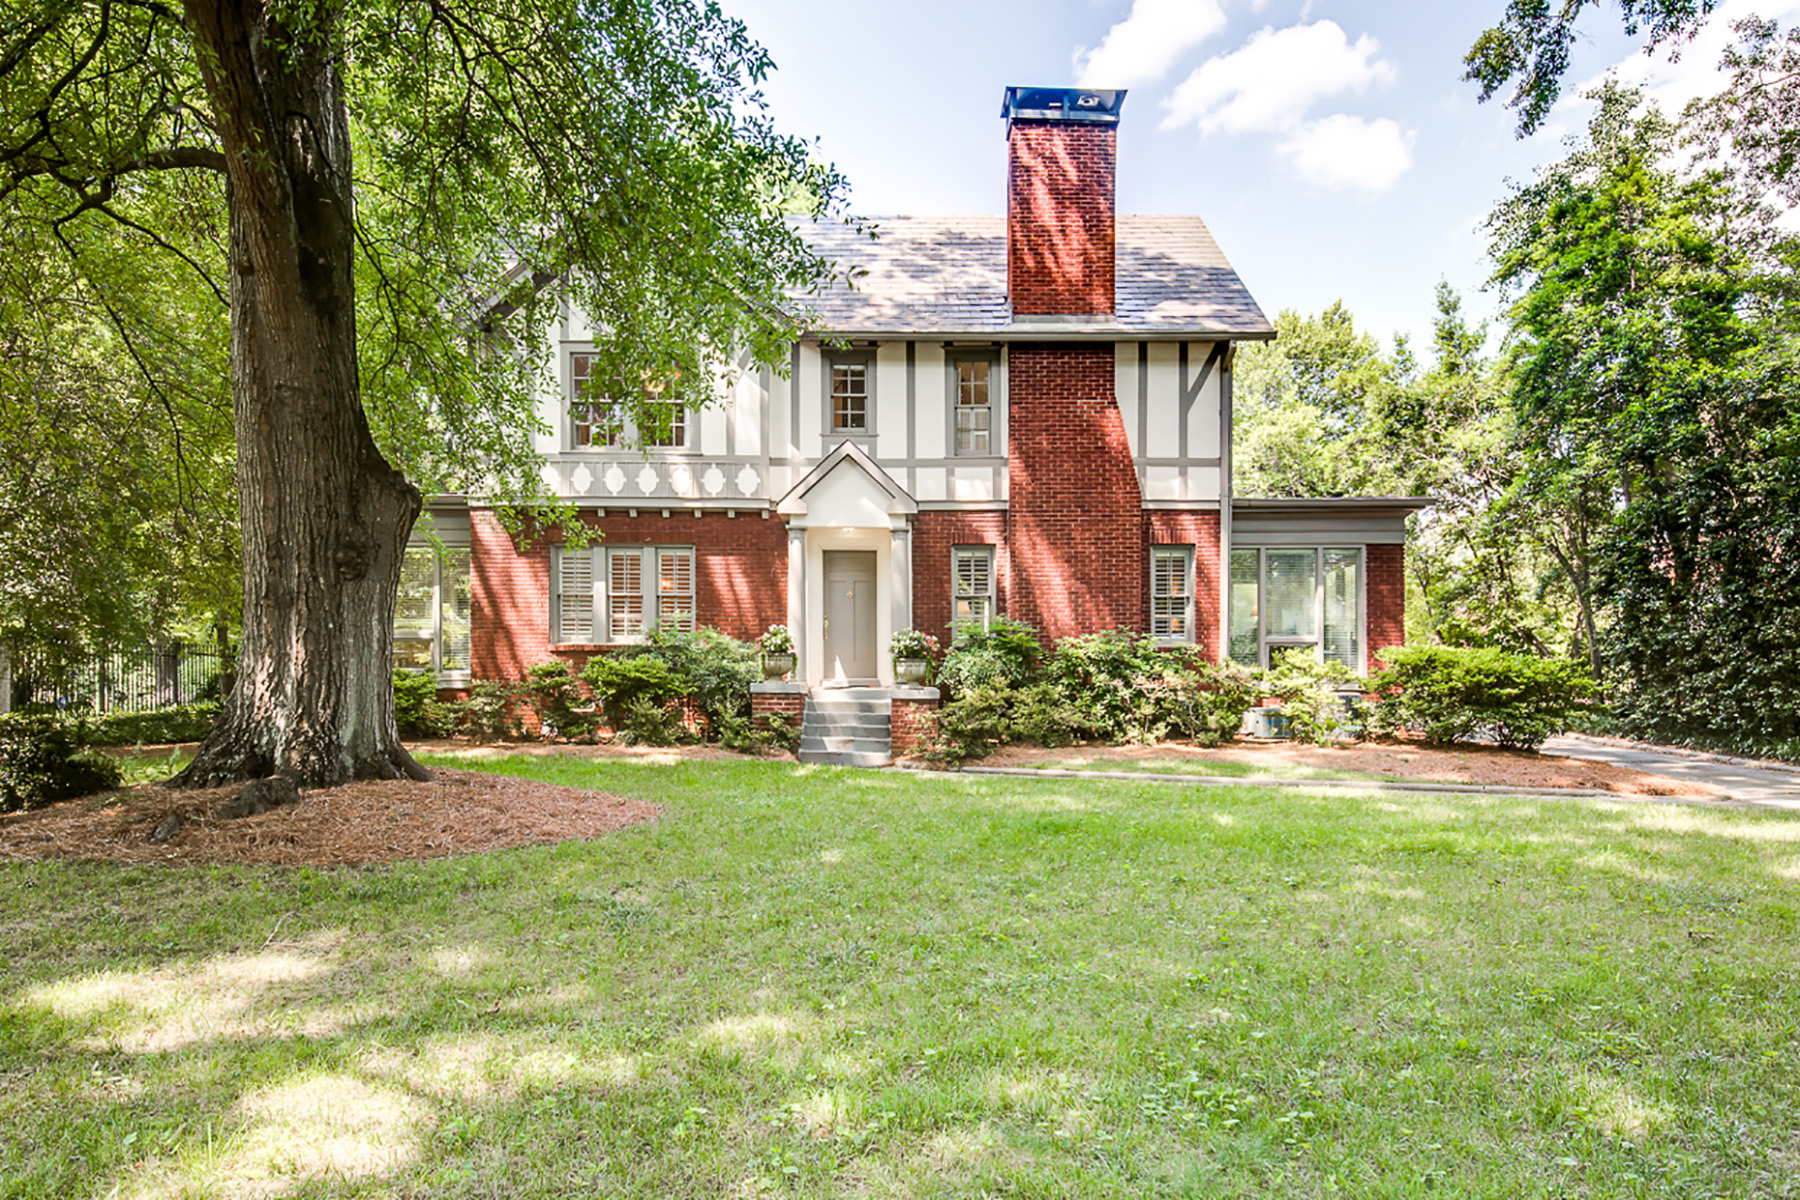 獨棟家庭住宅 為 出售 在 This Winsome 1929 Tudor Will Captivate You With Its Architectural Charm 1338 N Decatur Road NE Atlanta, 喬治亞州 30306 美國